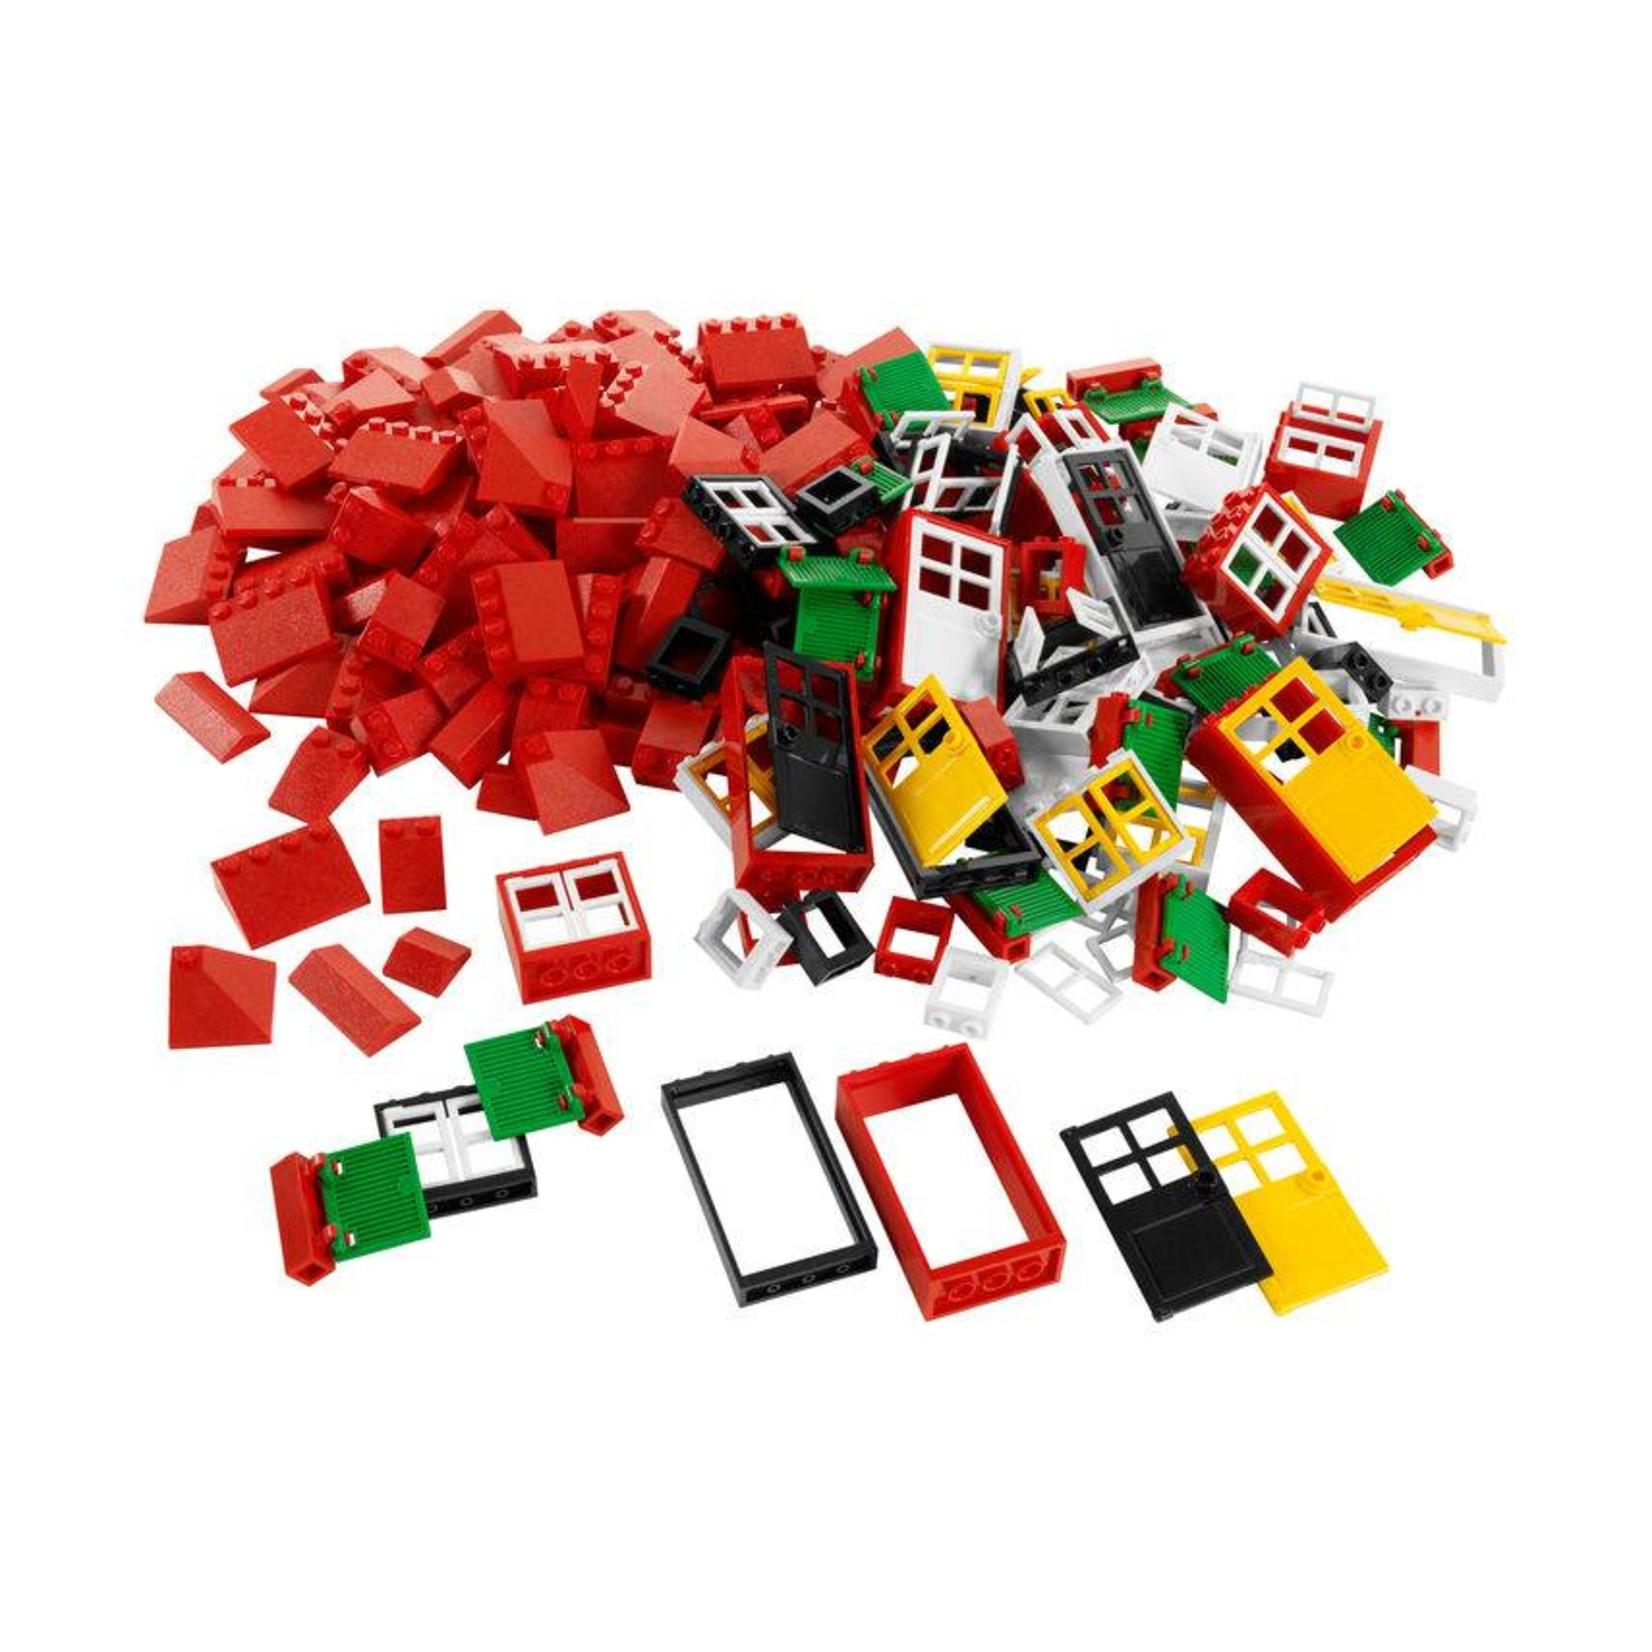 LEGO® Education Portes, fenêtres et tuiles de toit